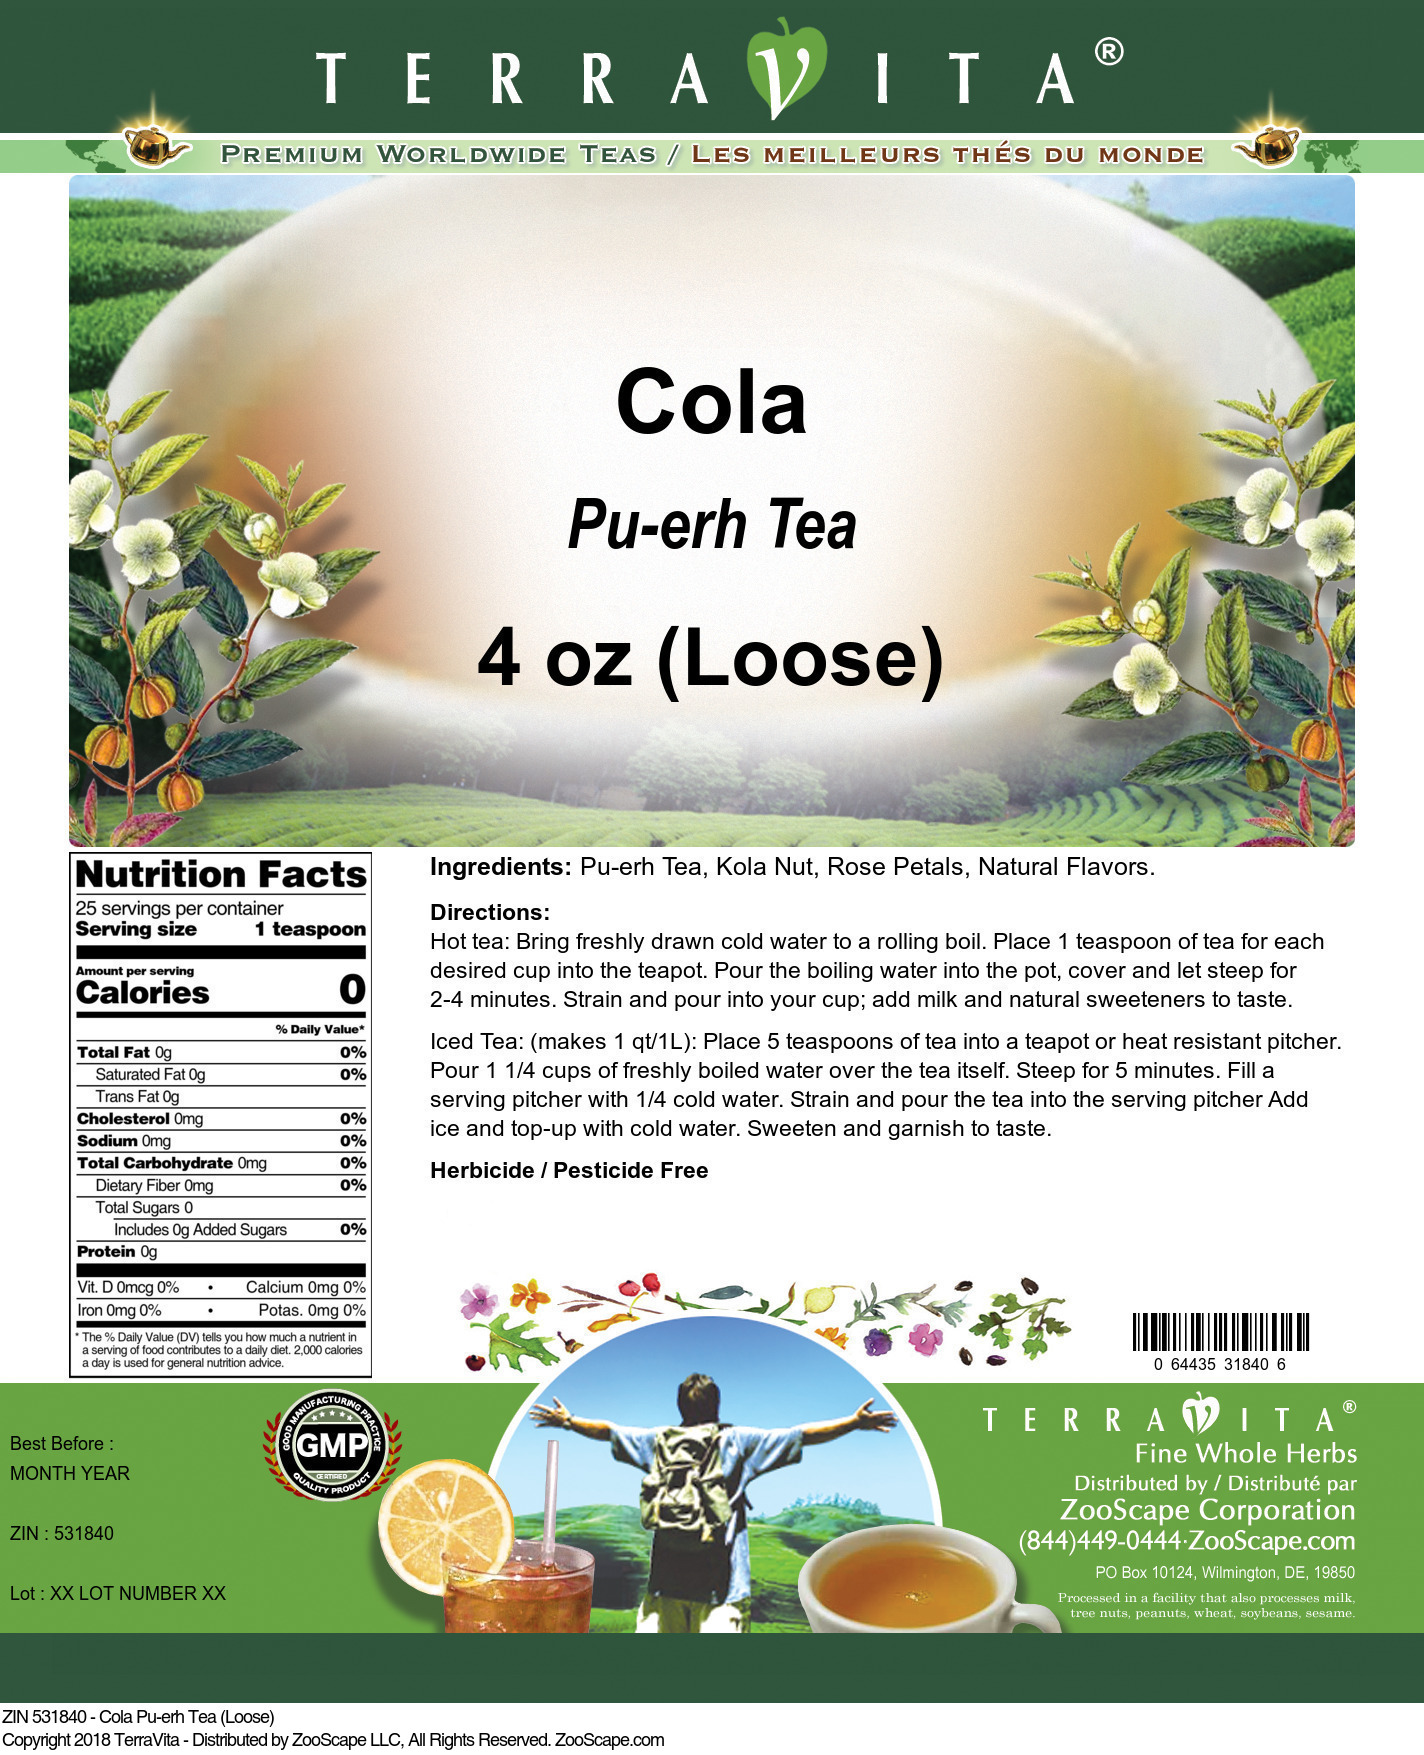 Cola Pu-erh Tea